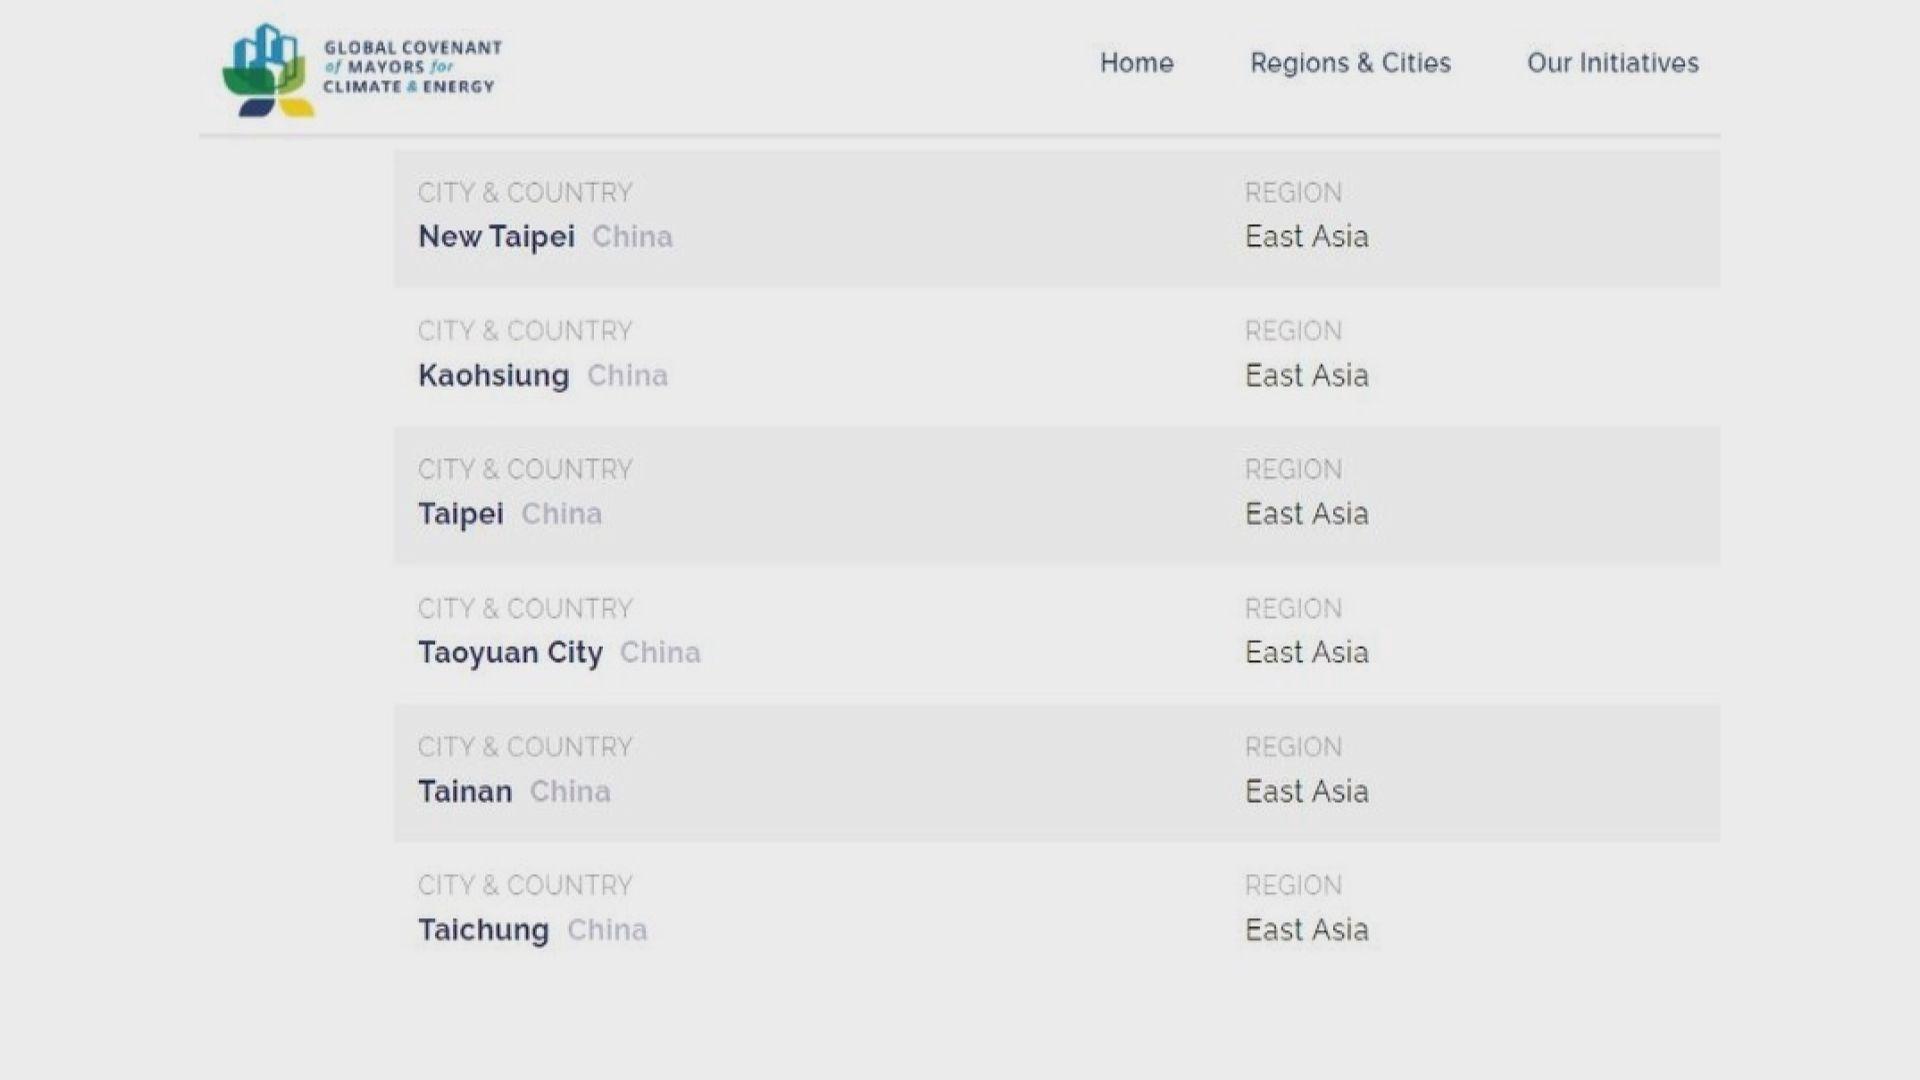 國際組織將台北等地列為中國城市 台灣要求更正